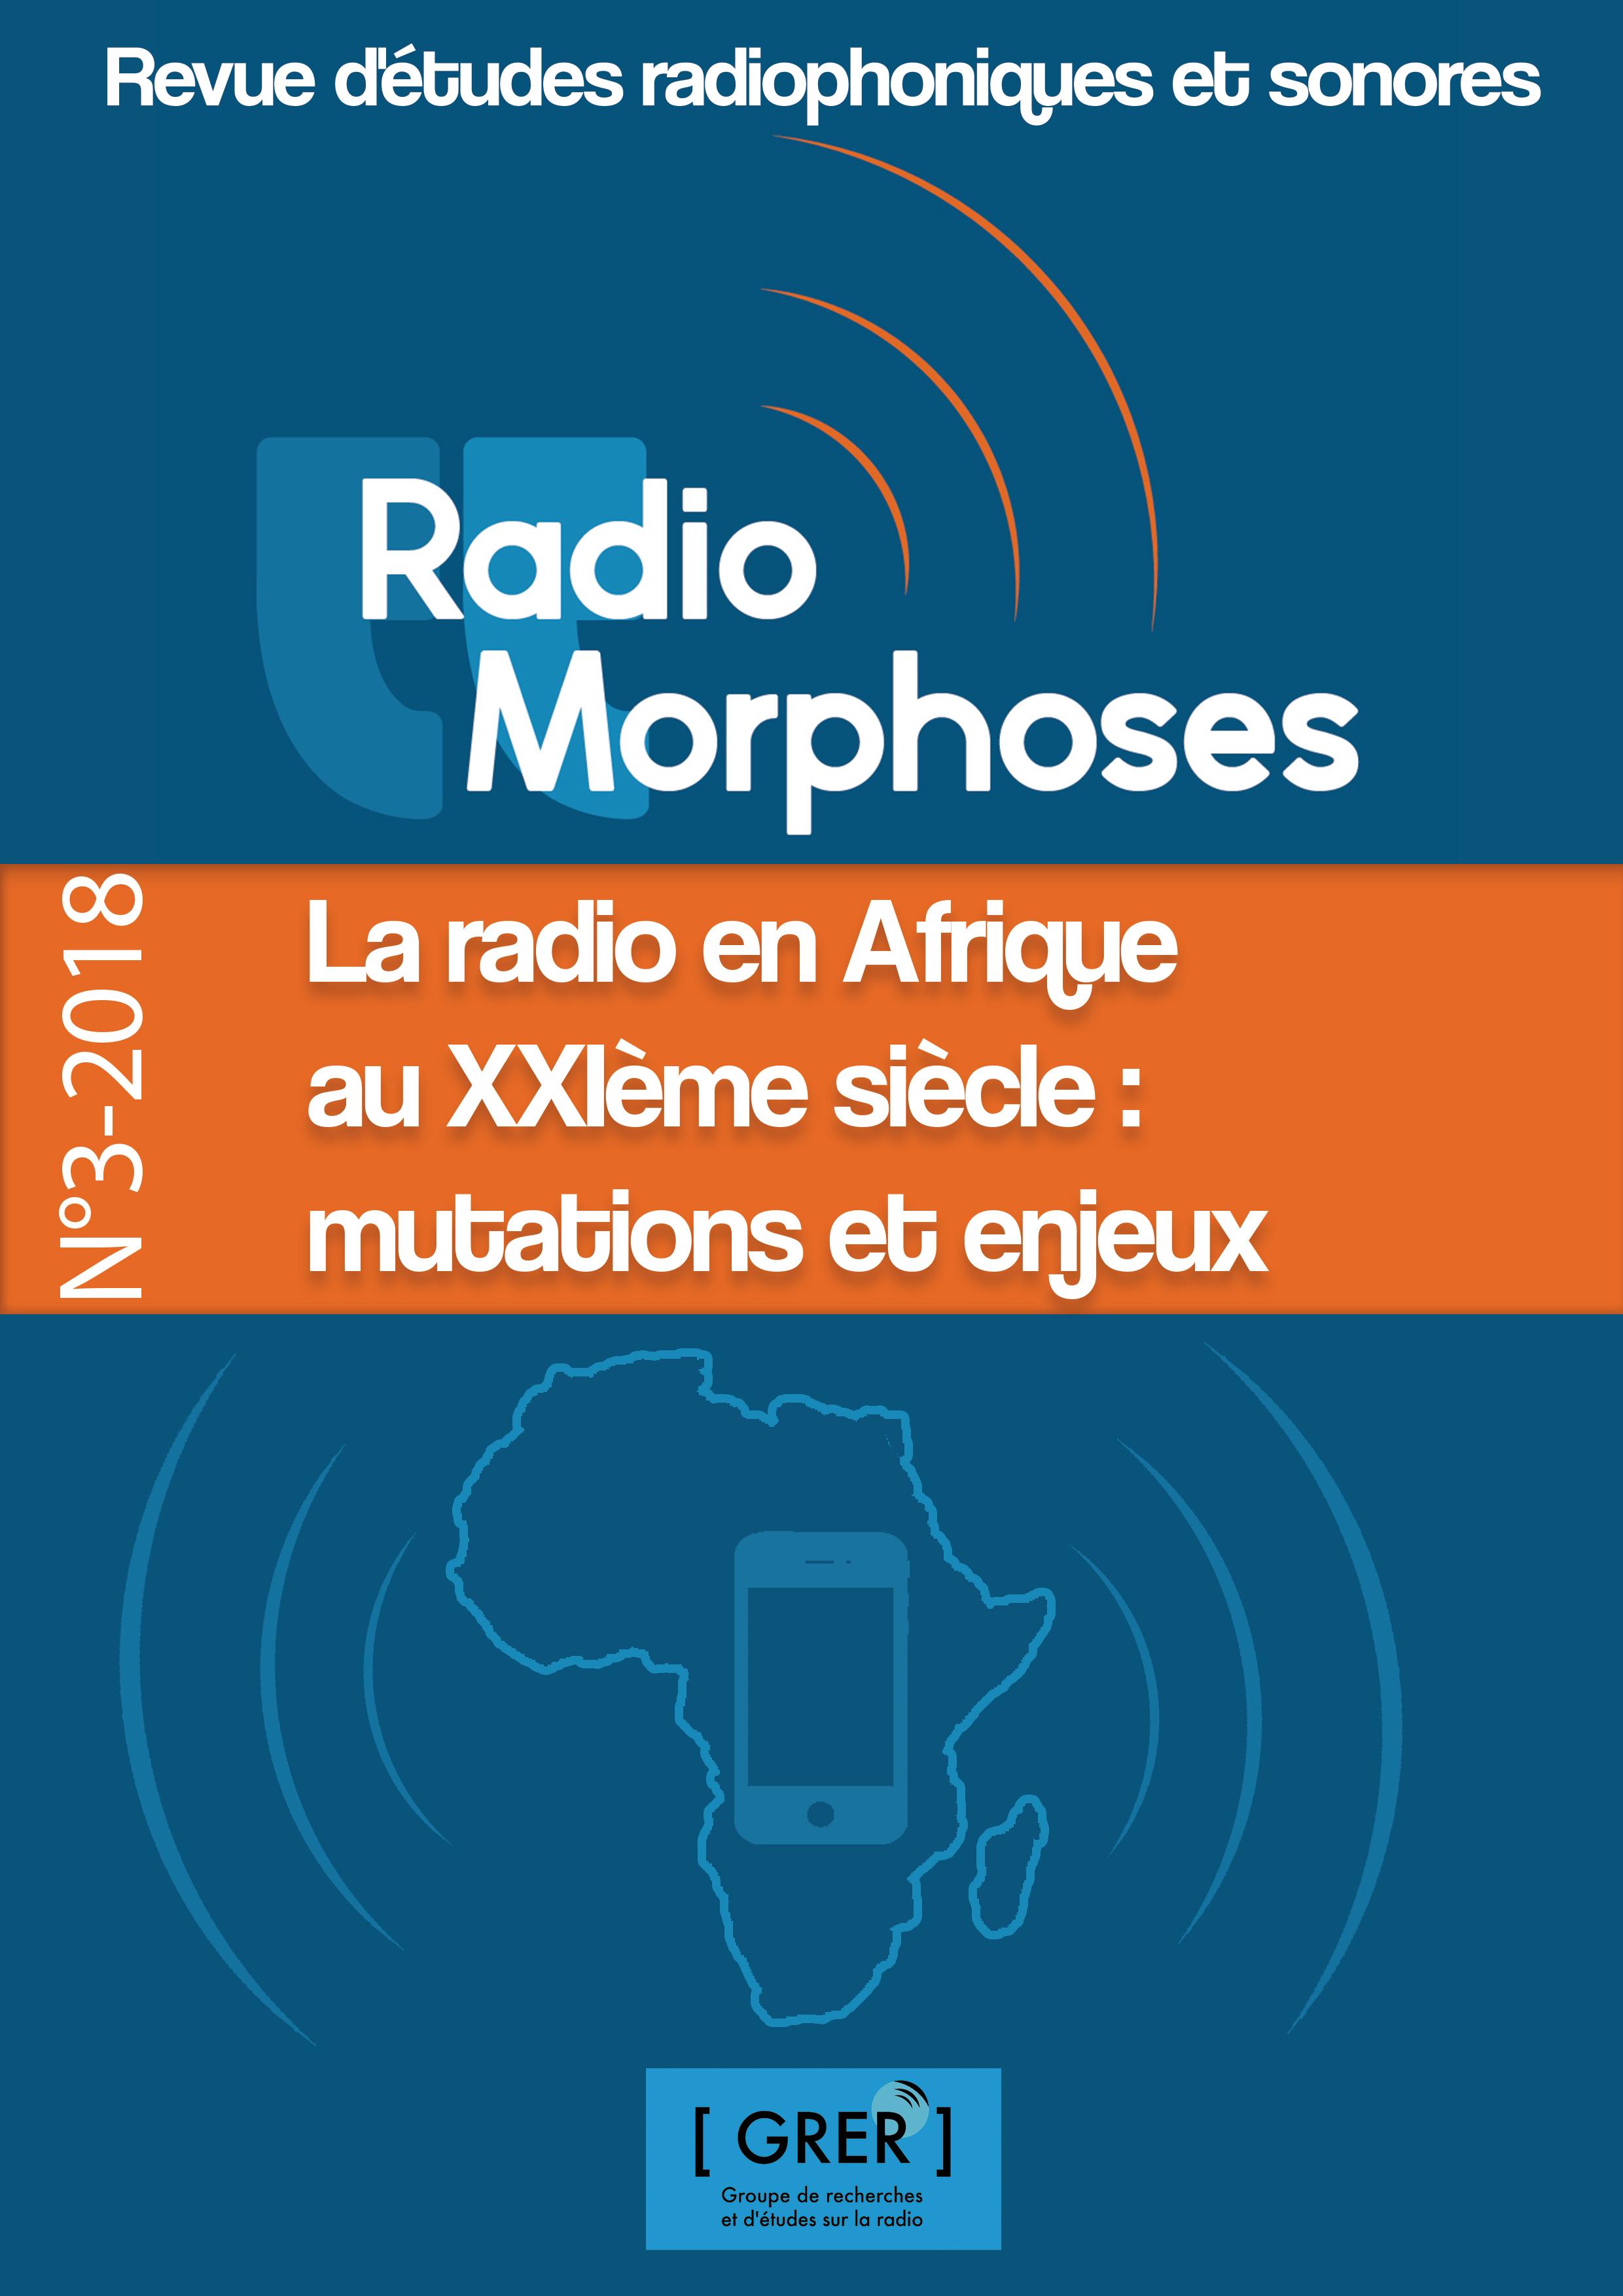 La radio en Afrique au XXIème siècle : mutations et enjeux,